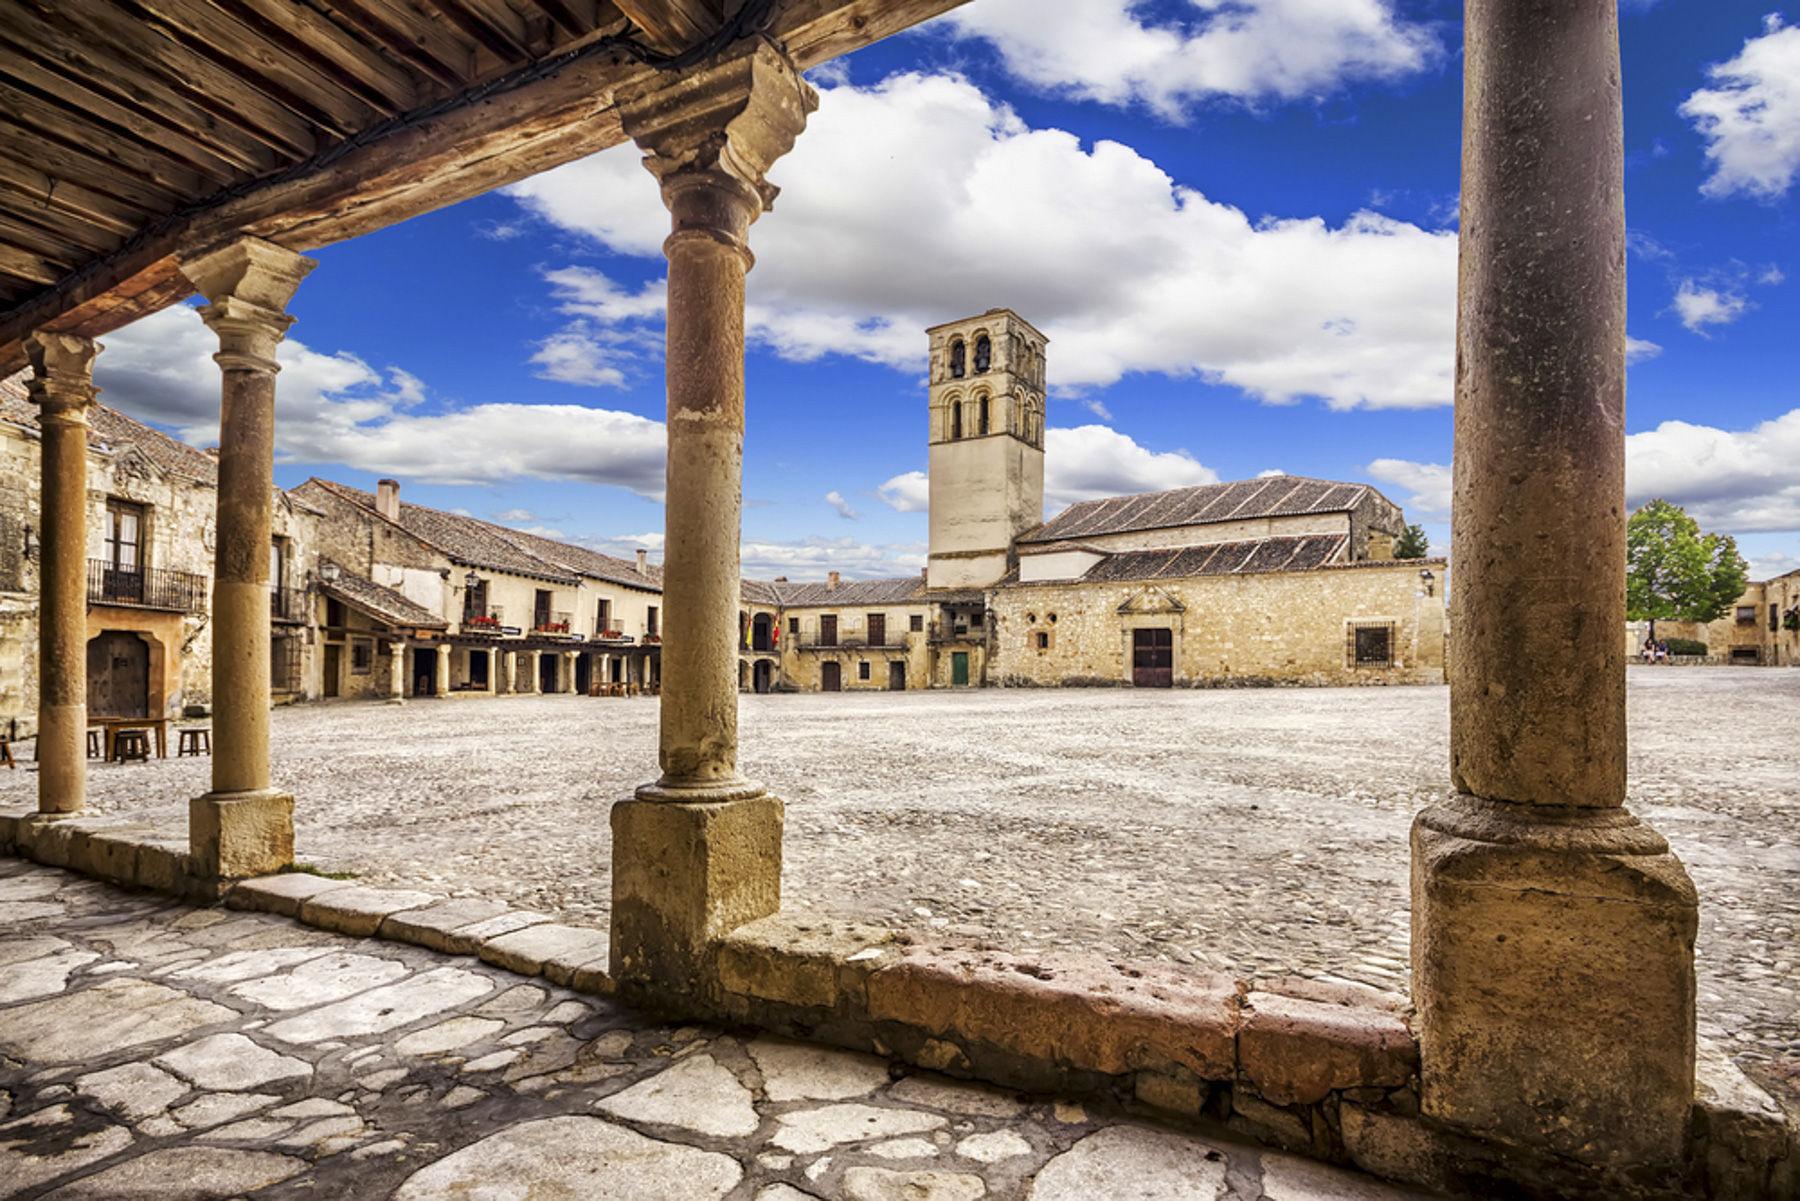 Las plazas medievales m s bonitas de espa a - Casas gratis en pueblos de espana ...